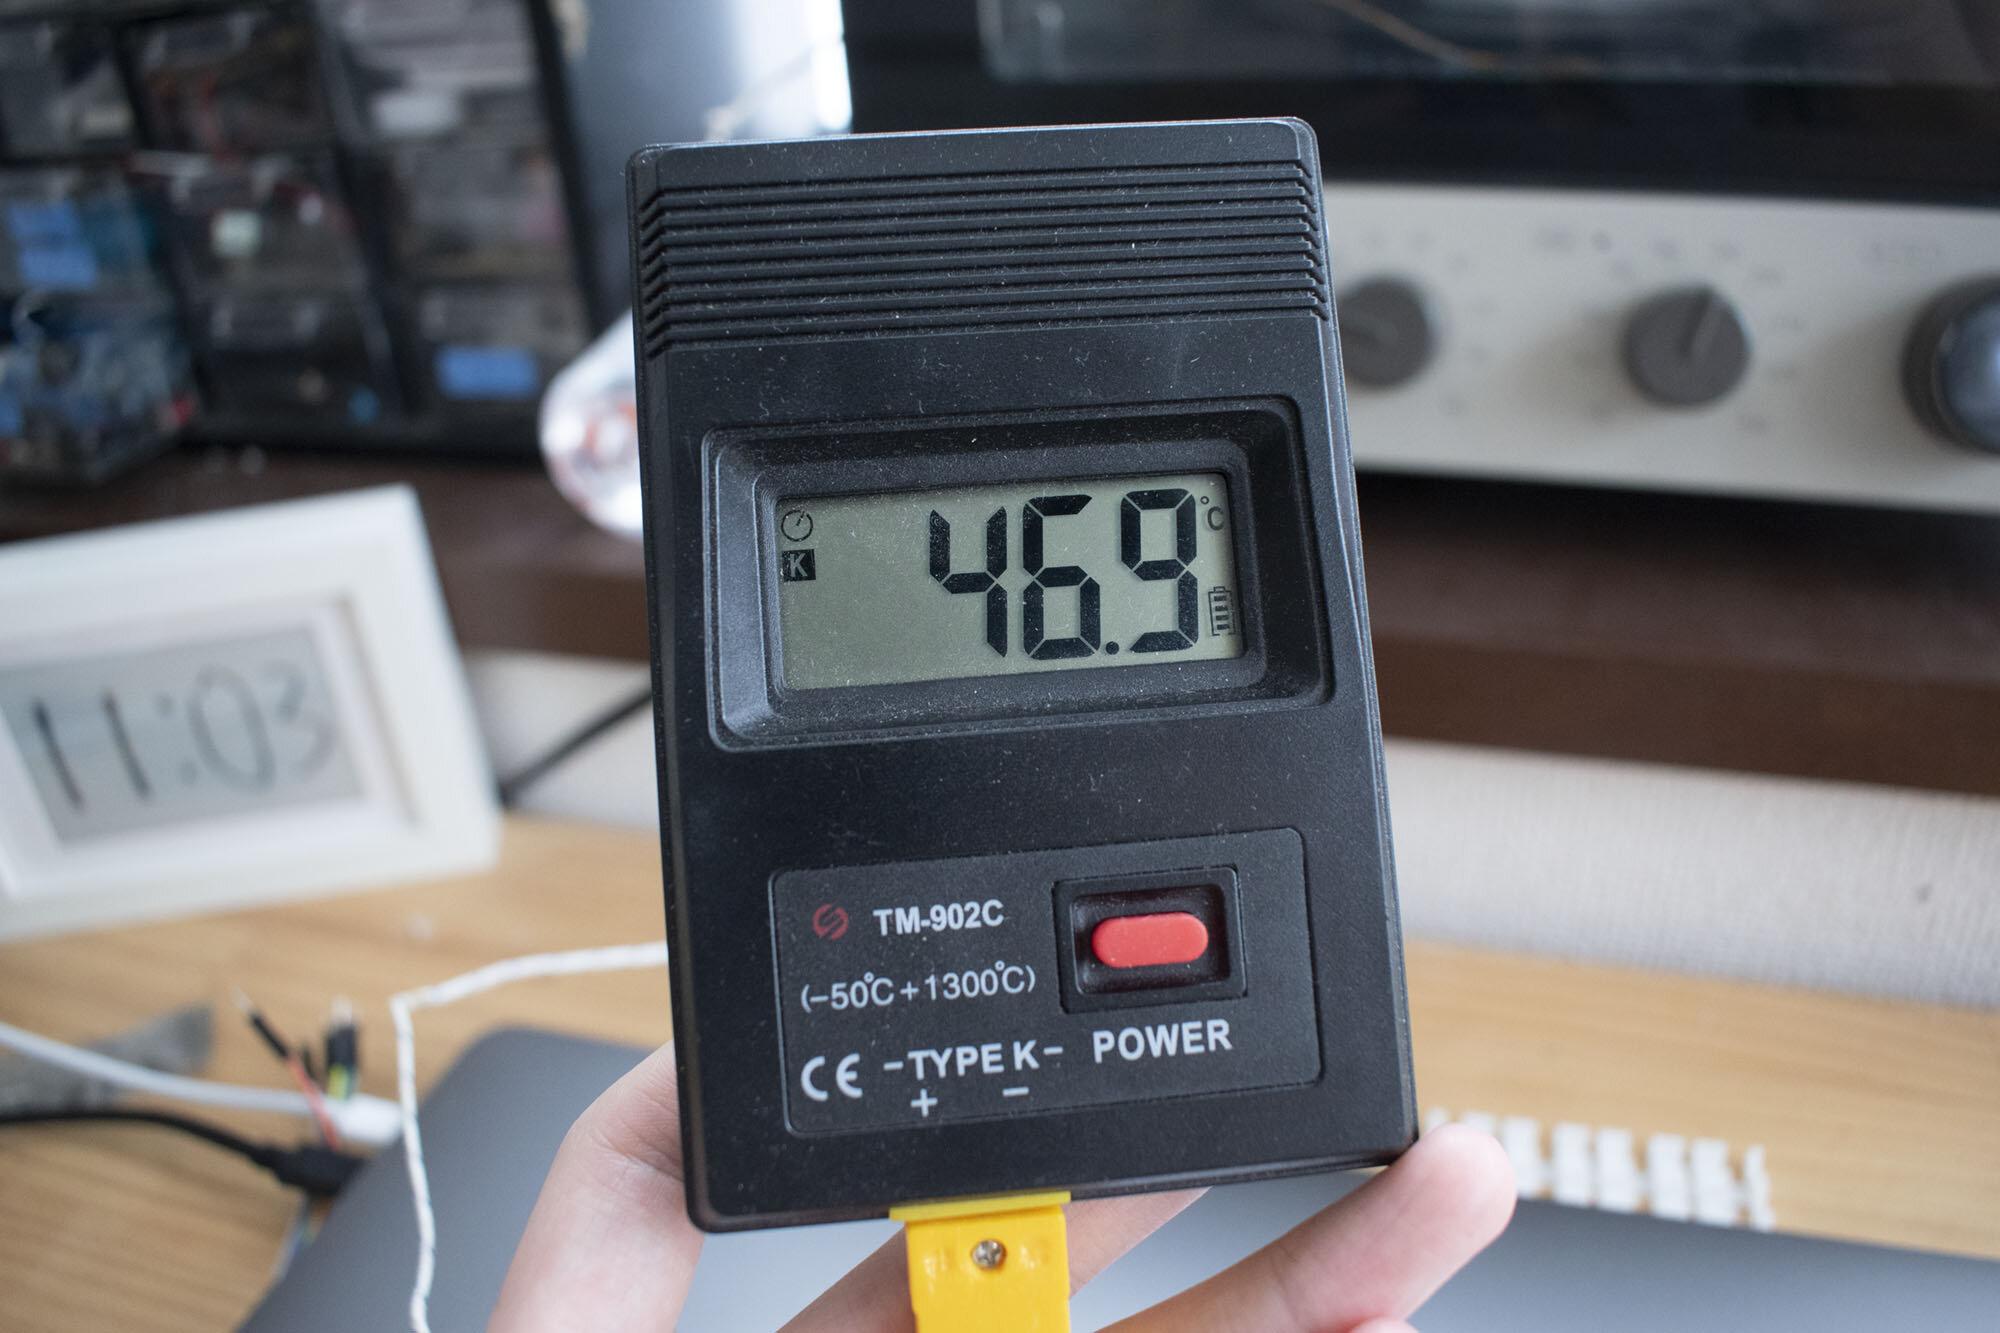 オーブンの内部温度の46.9°Cを指す温度計